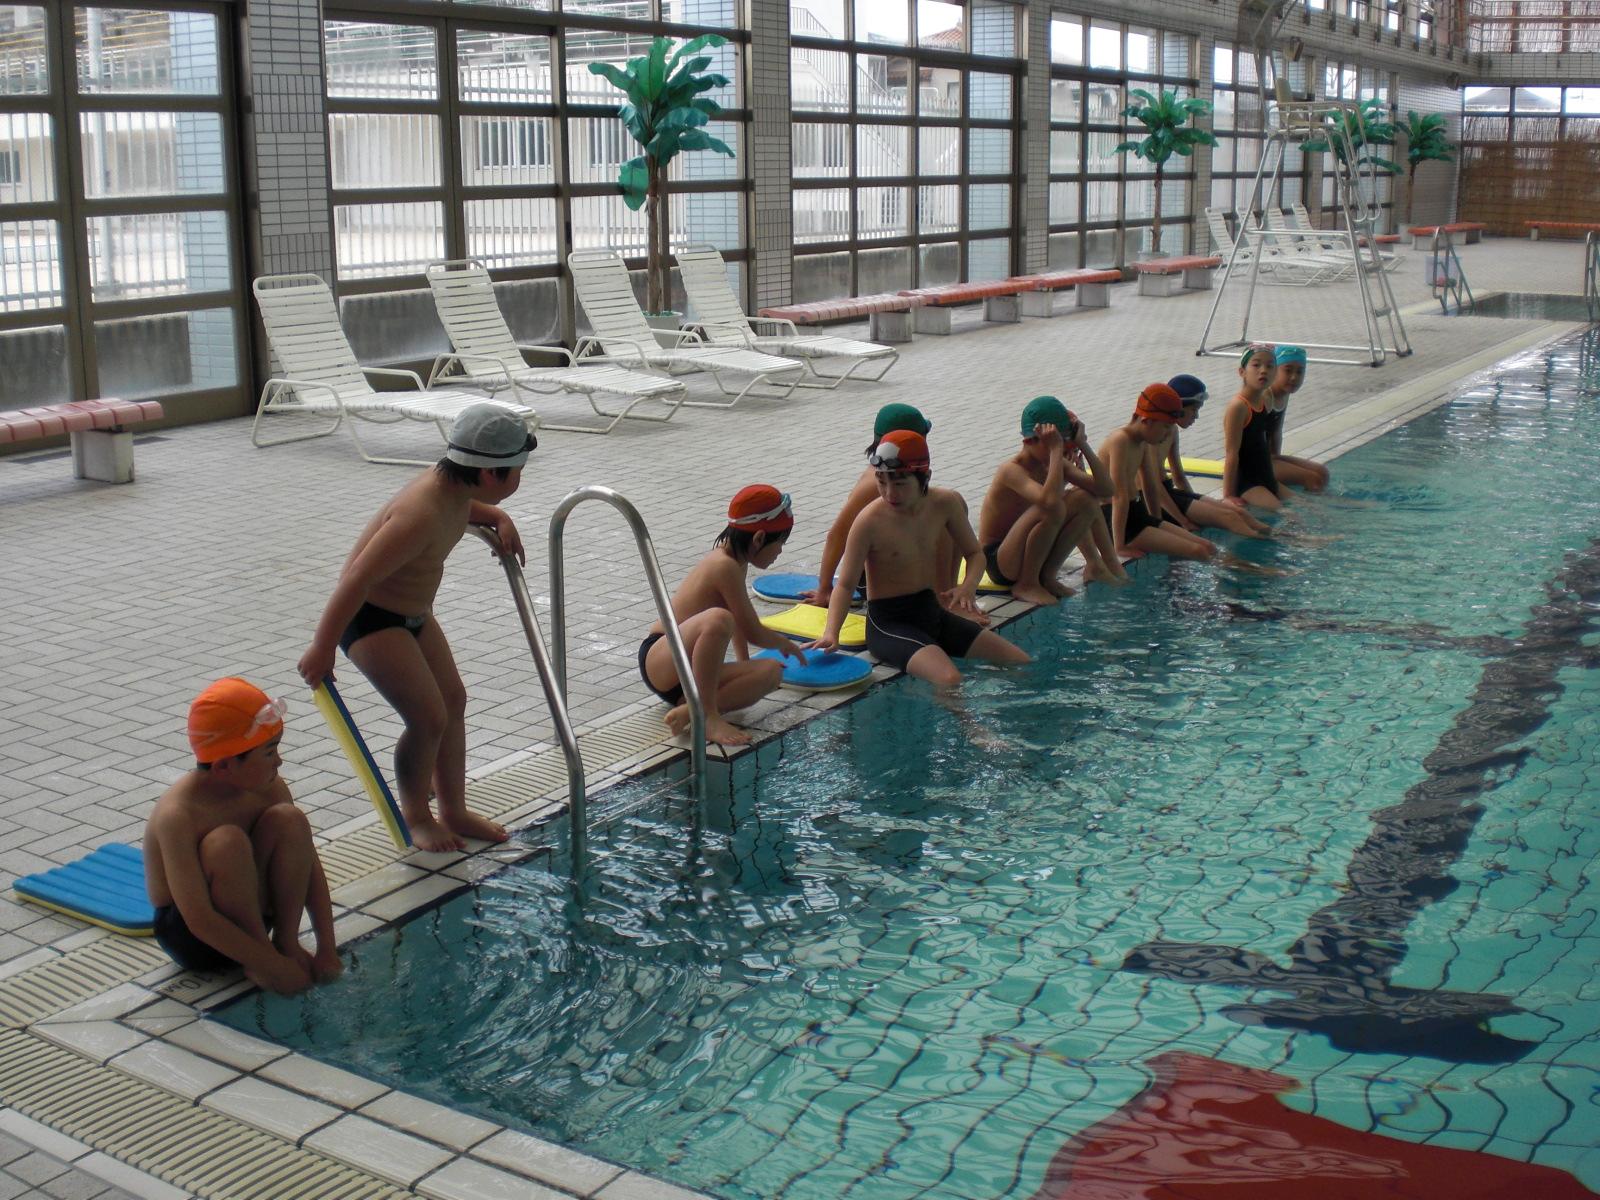 児童水泳教室の様子